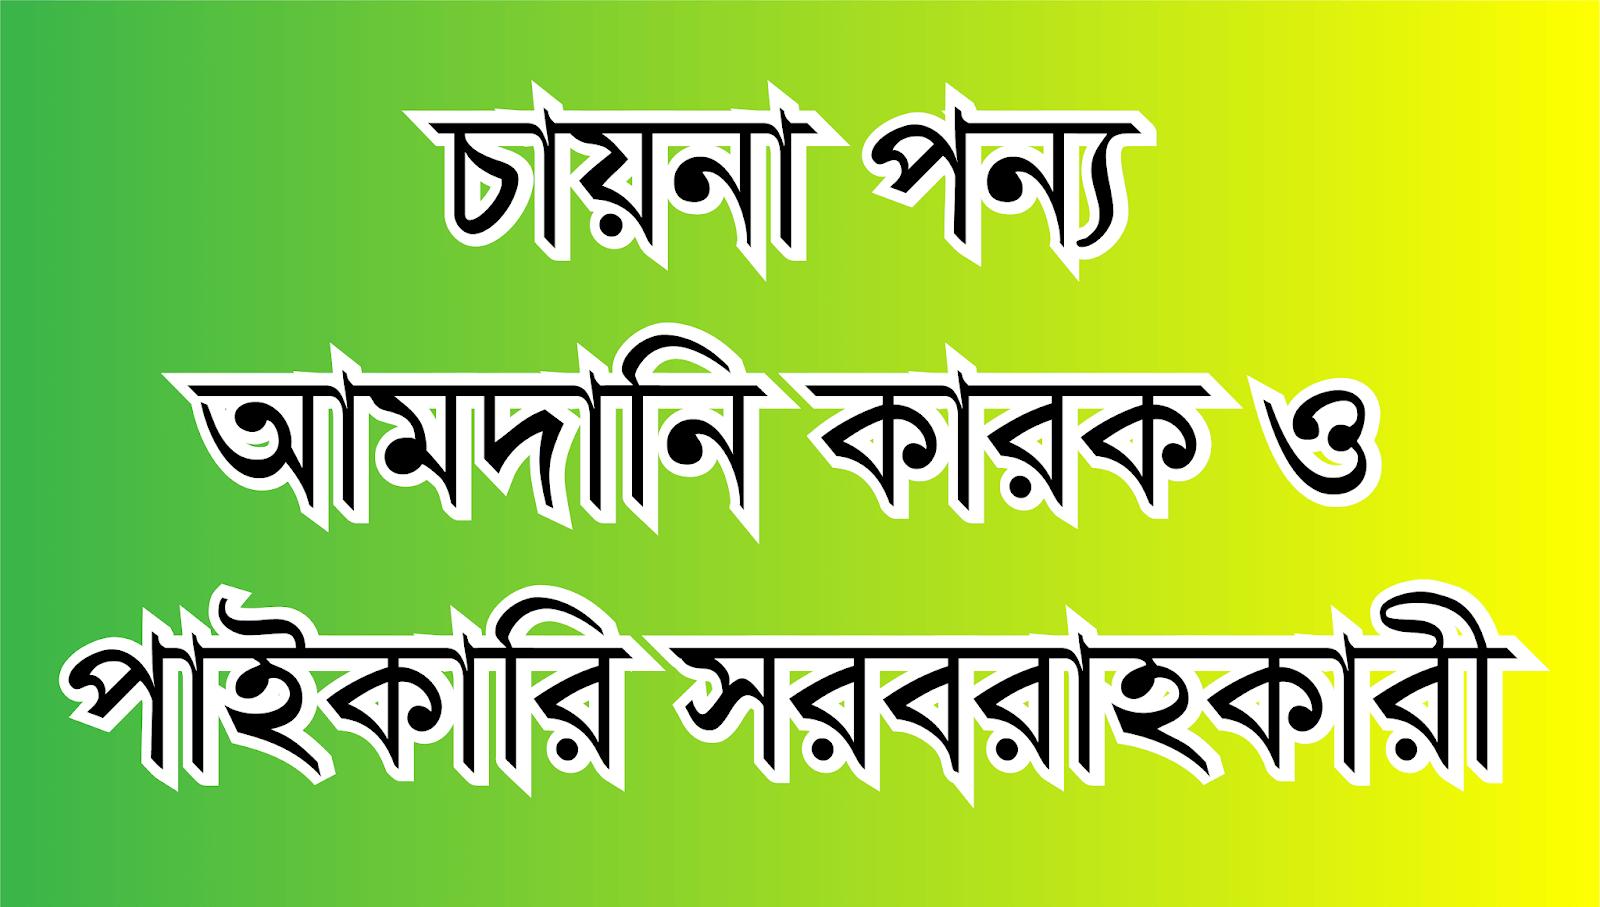 চায়না পন্য আমদানি কারক ও পাইকারি সরবরাহ কারী china products importer and supplier in bangladesh